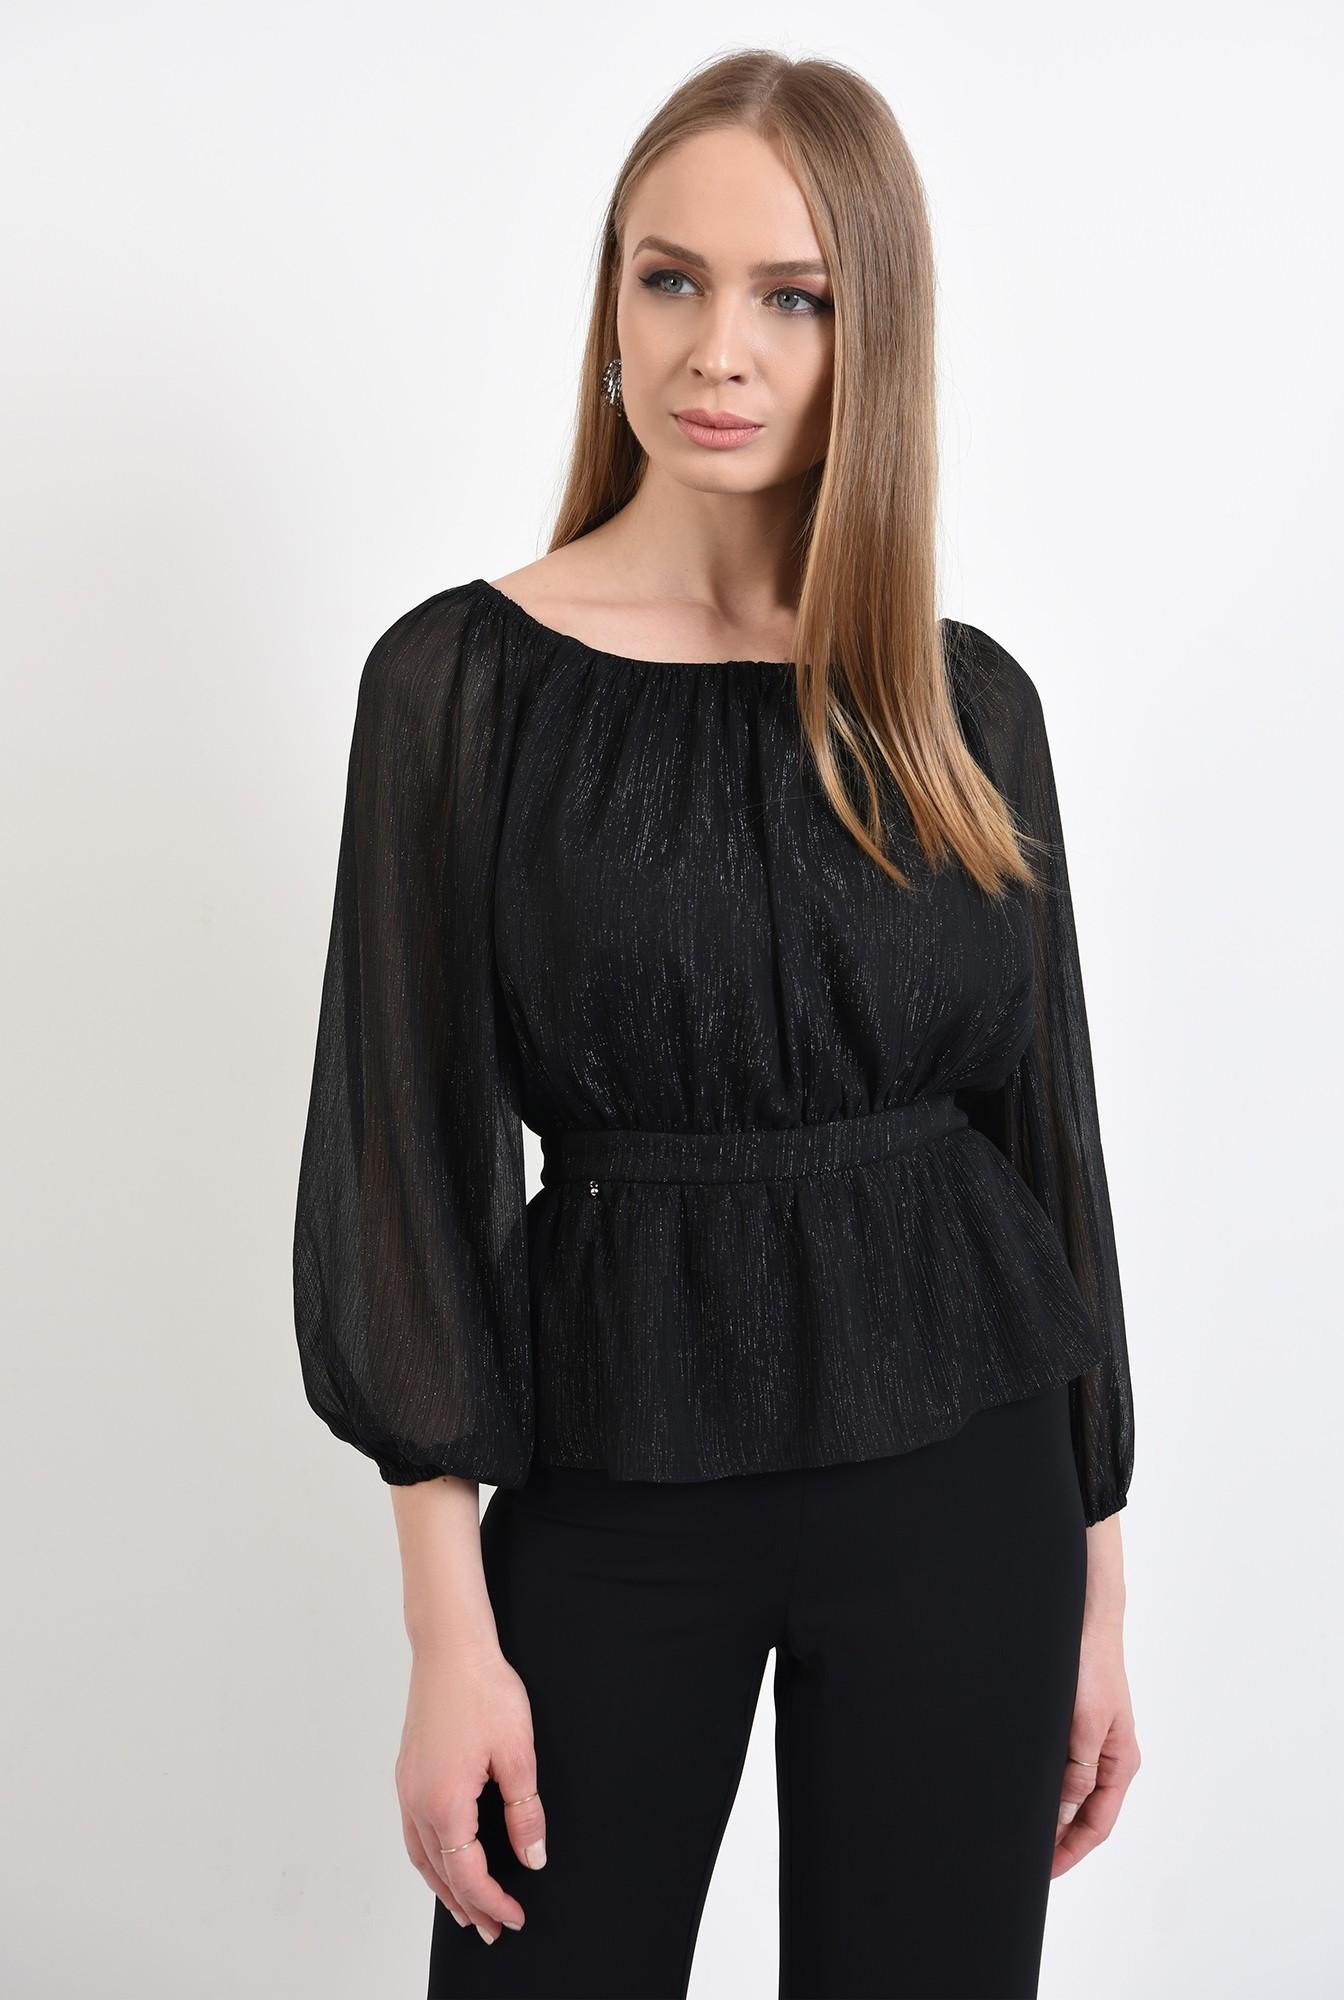 2 - bluza de ocazie, neagra, cu peplum, maneci bufante, nasturi la spate, Poema